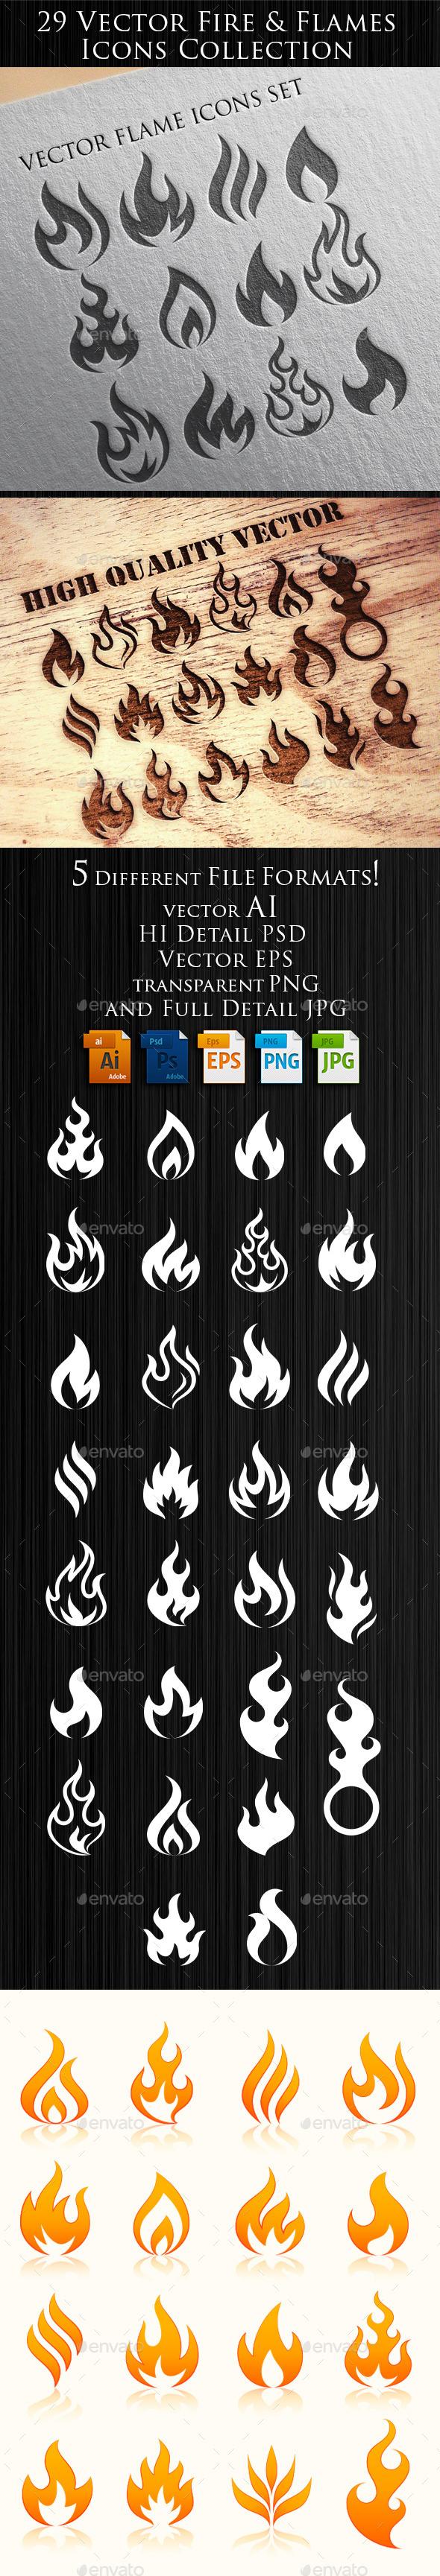 Flames Illustrations - Decorative Symbols Decorative